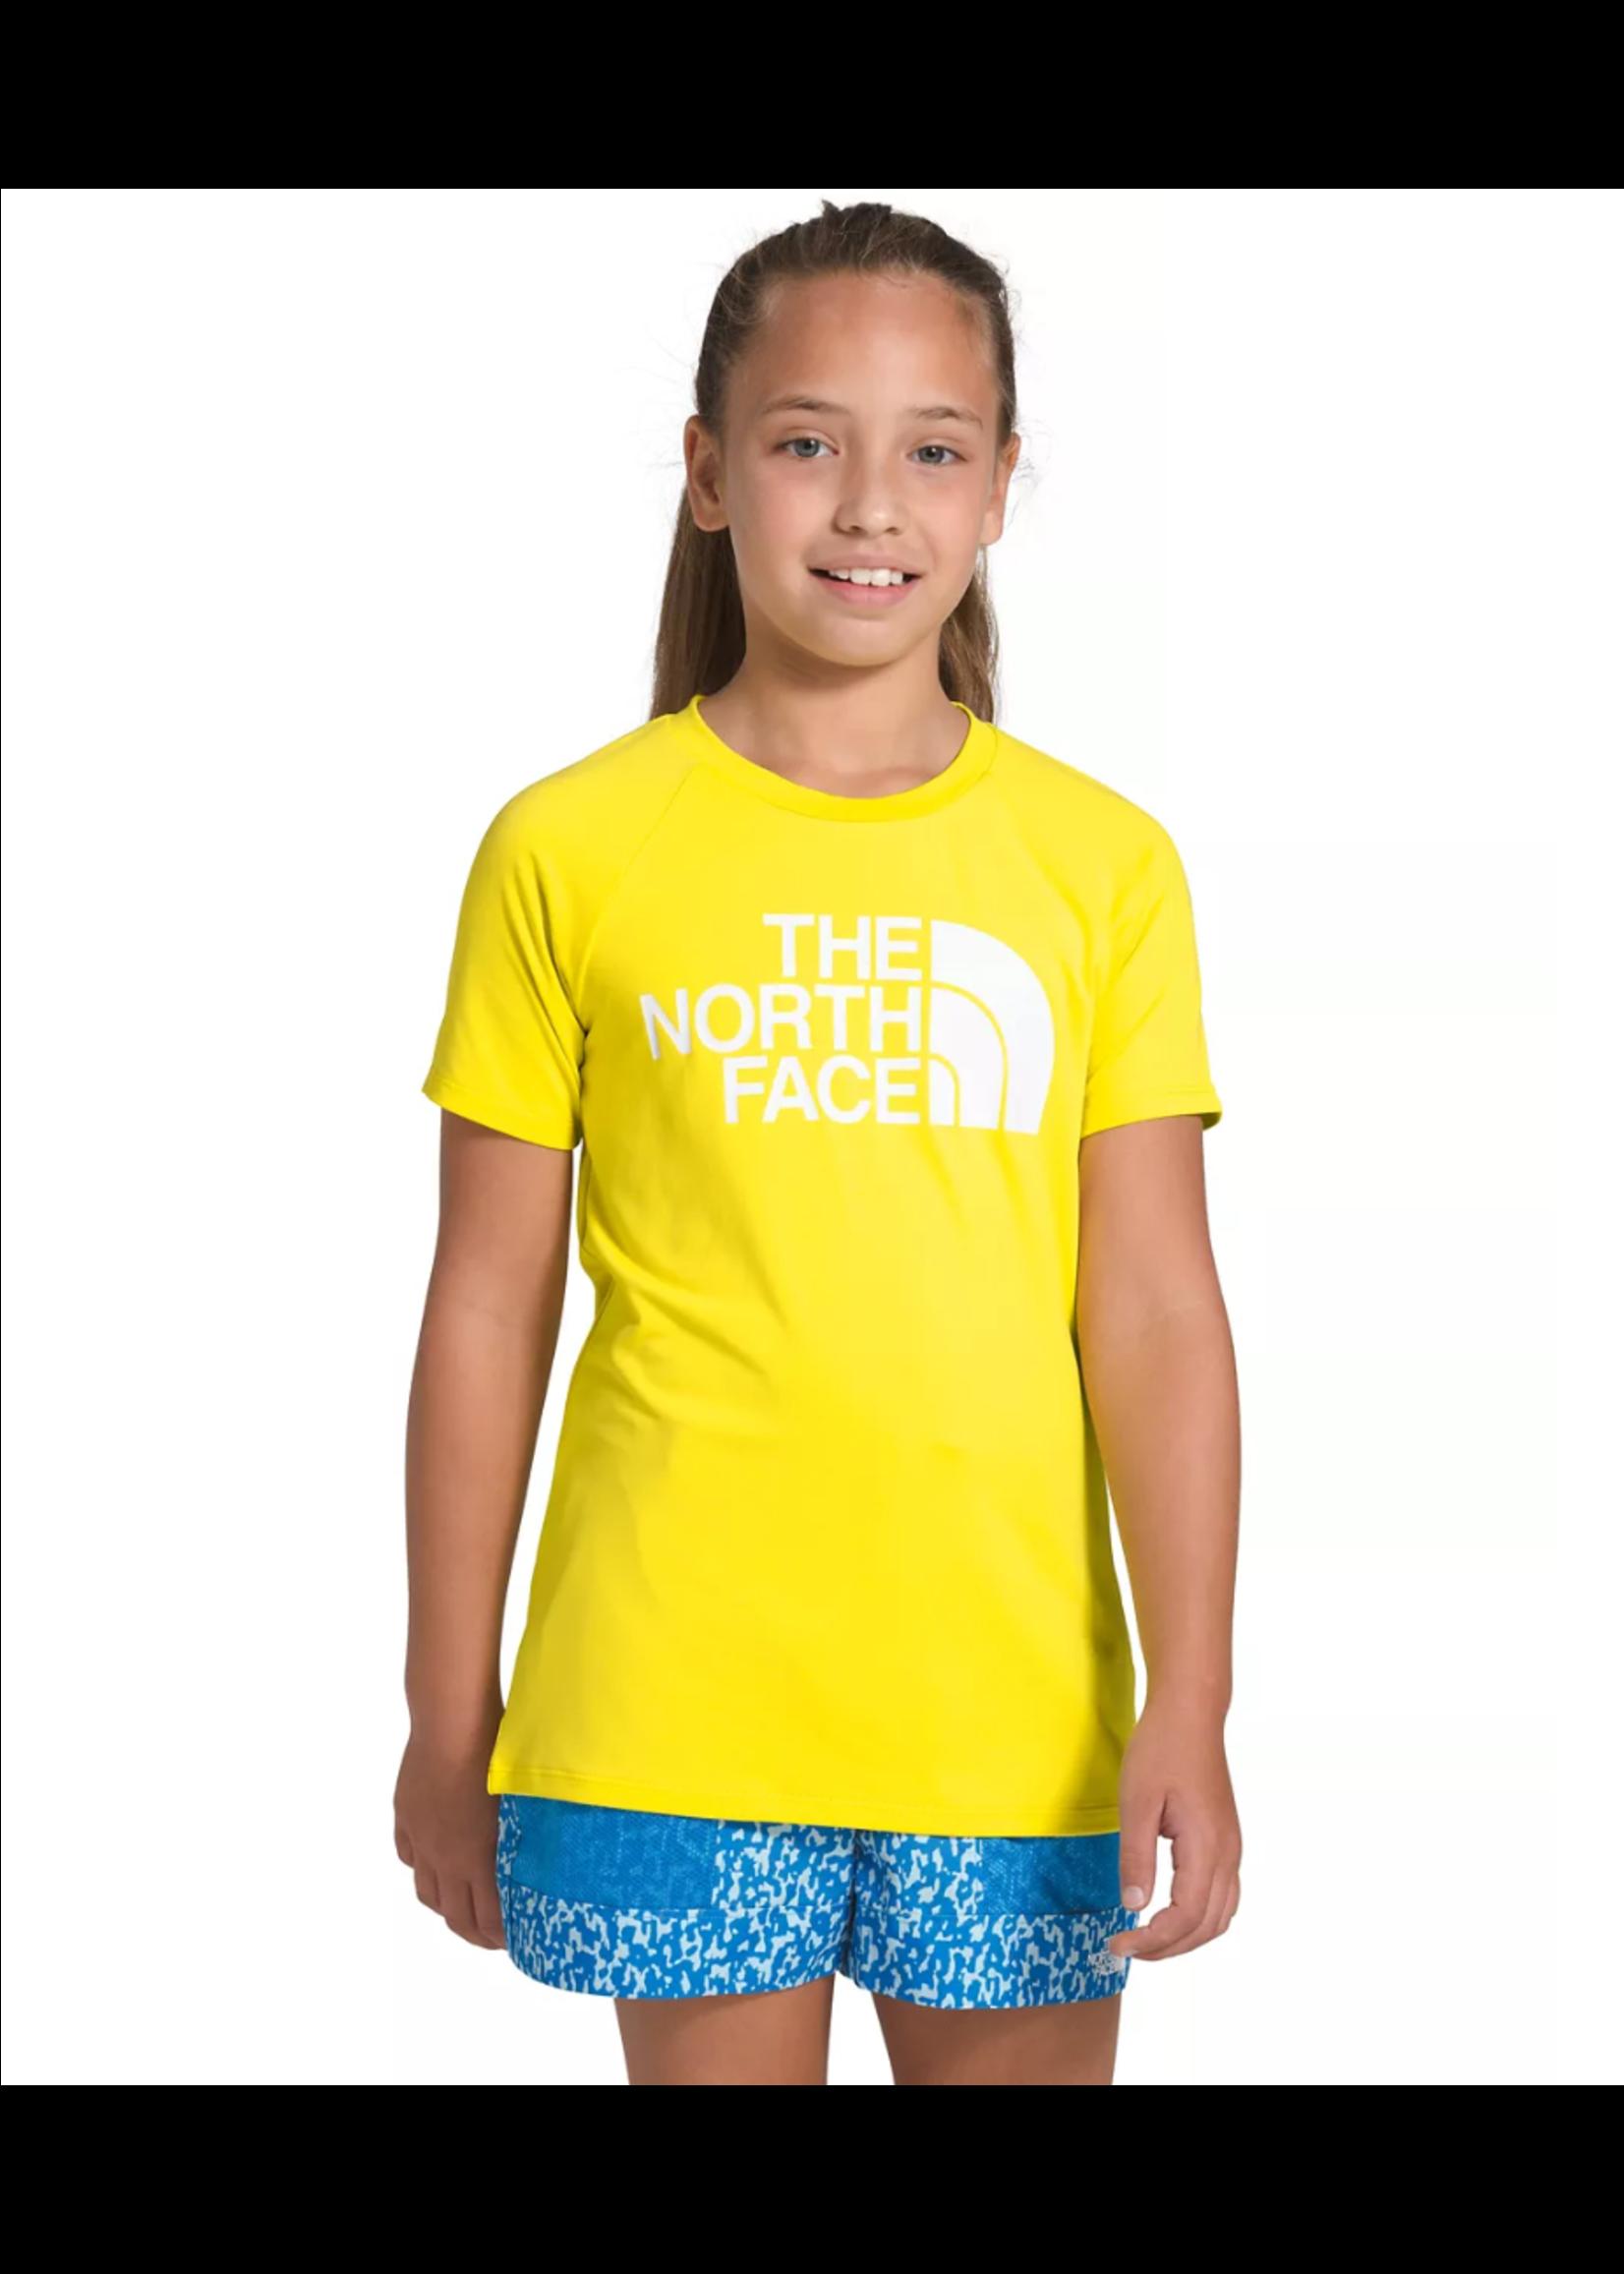 THE NORTH FACE T-shirt aquatique Class V / Medium / Citron